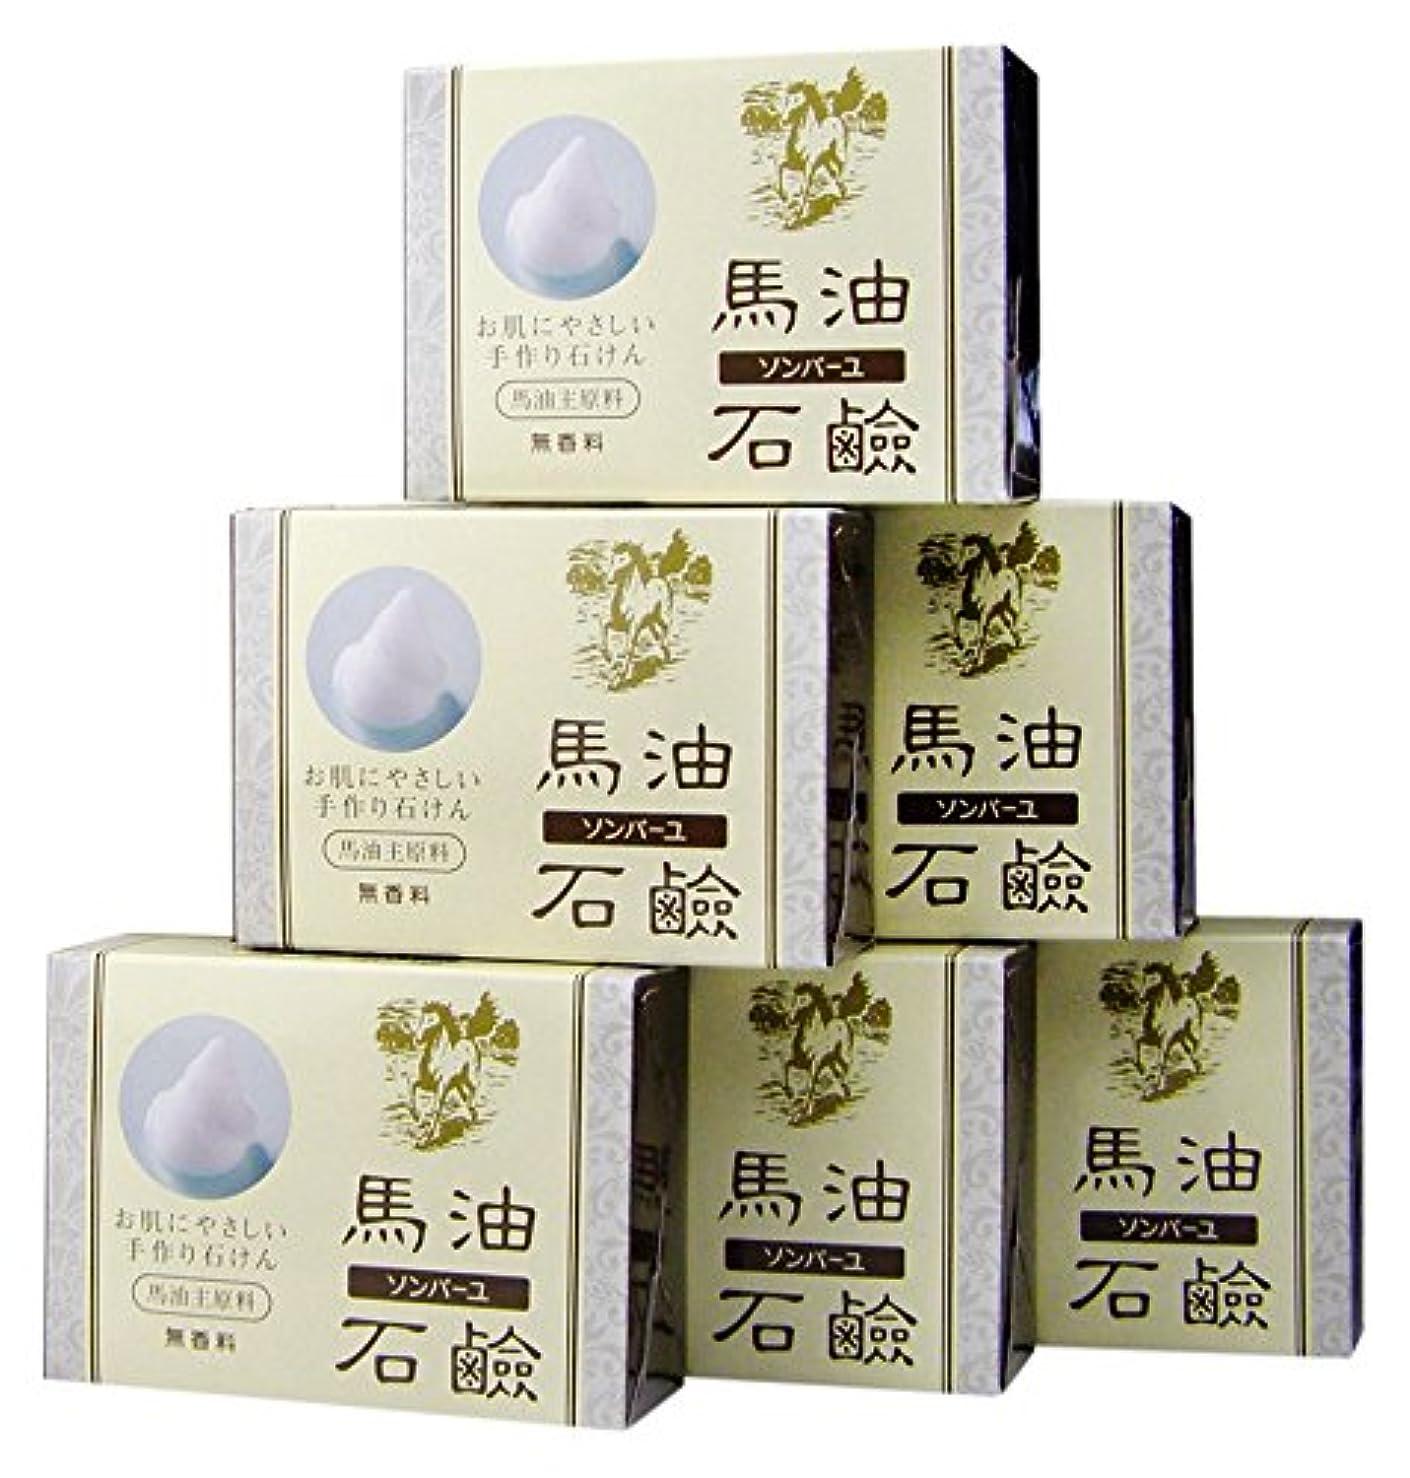 スペース詩人レタッチソンバーユ馬油石鹸(無香料)6個入(85g×6)